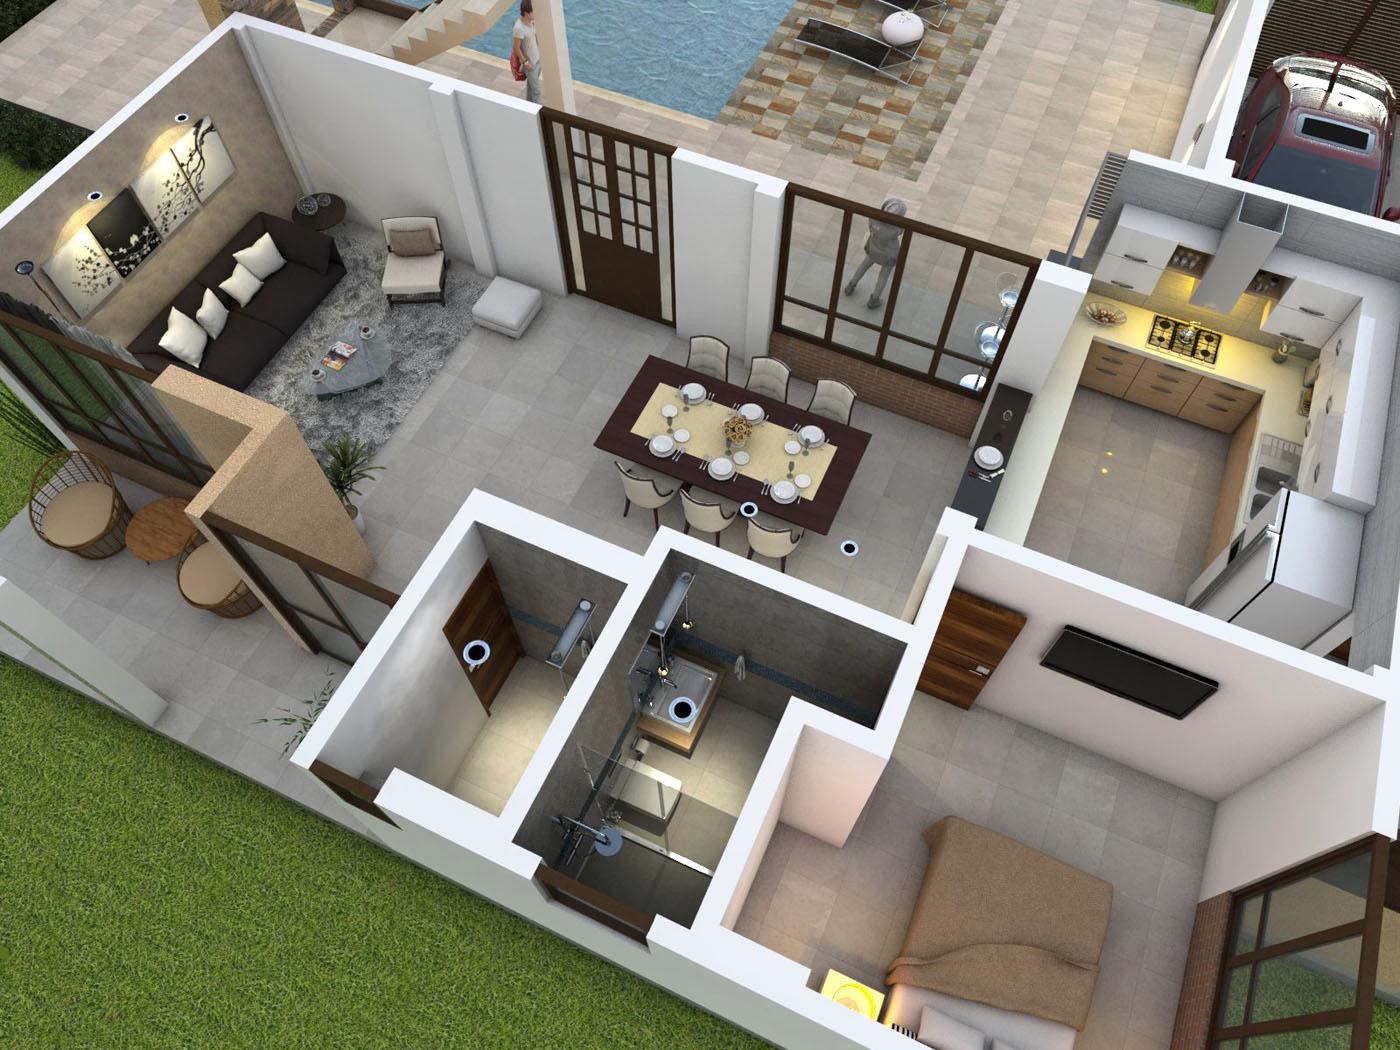 Planos de casas campestres dise os modernos venta en linea for Casas con planos y fotos